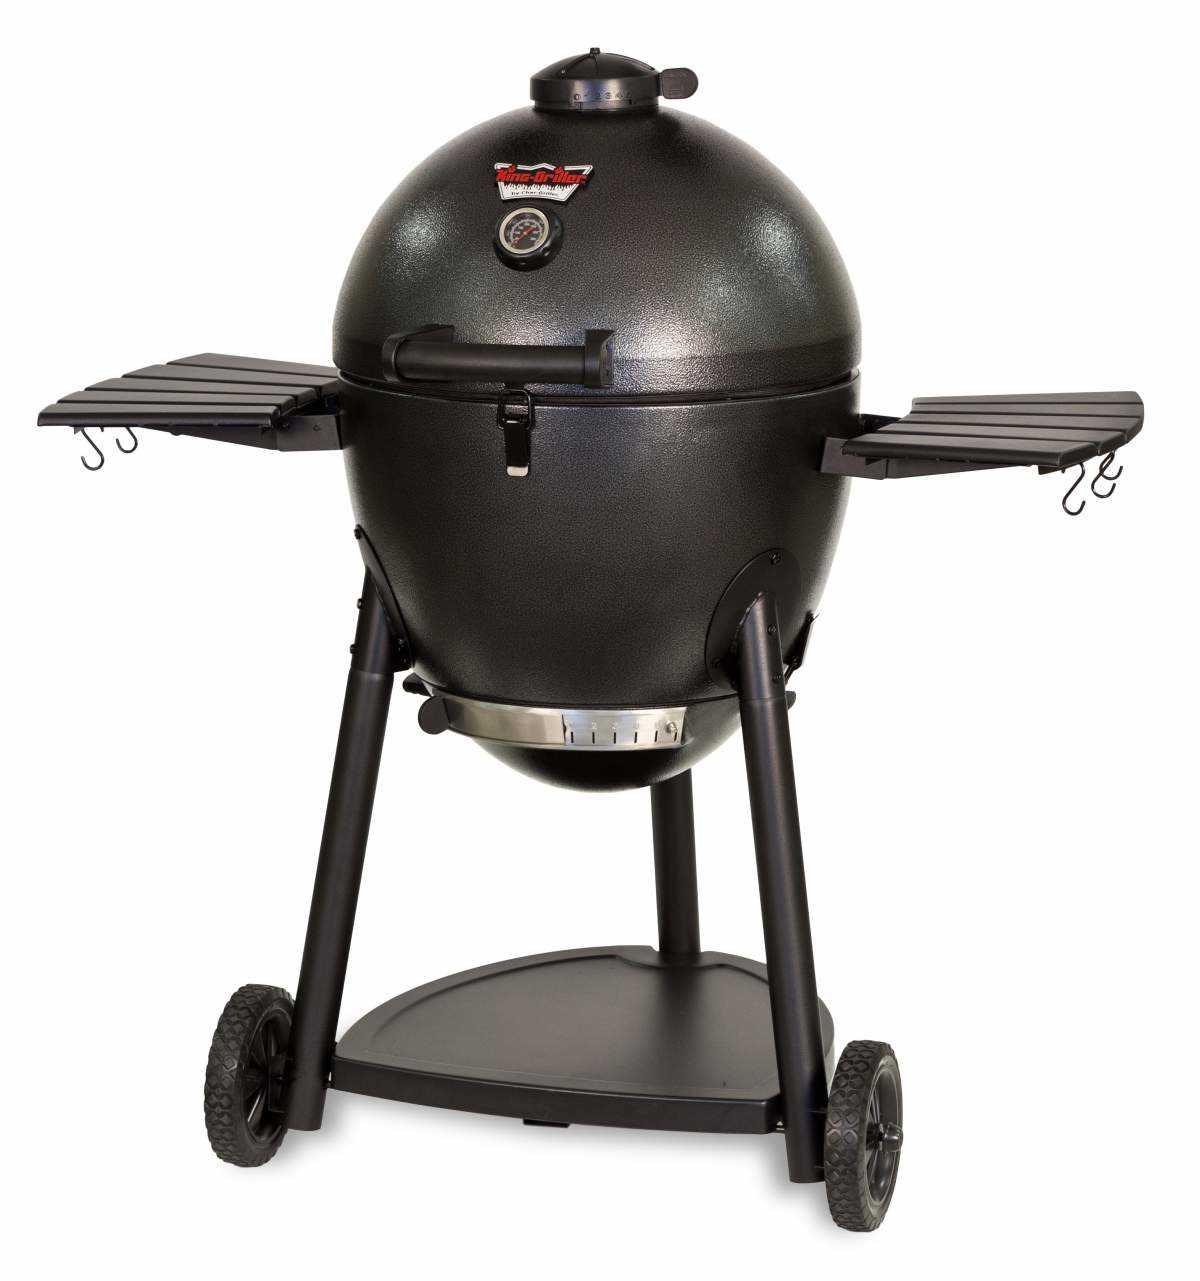 char griller 16620 kamado kooker charcoal grill and smoker at sutherlands. Black Bedroom Furniture Sets. Home Design Ideas